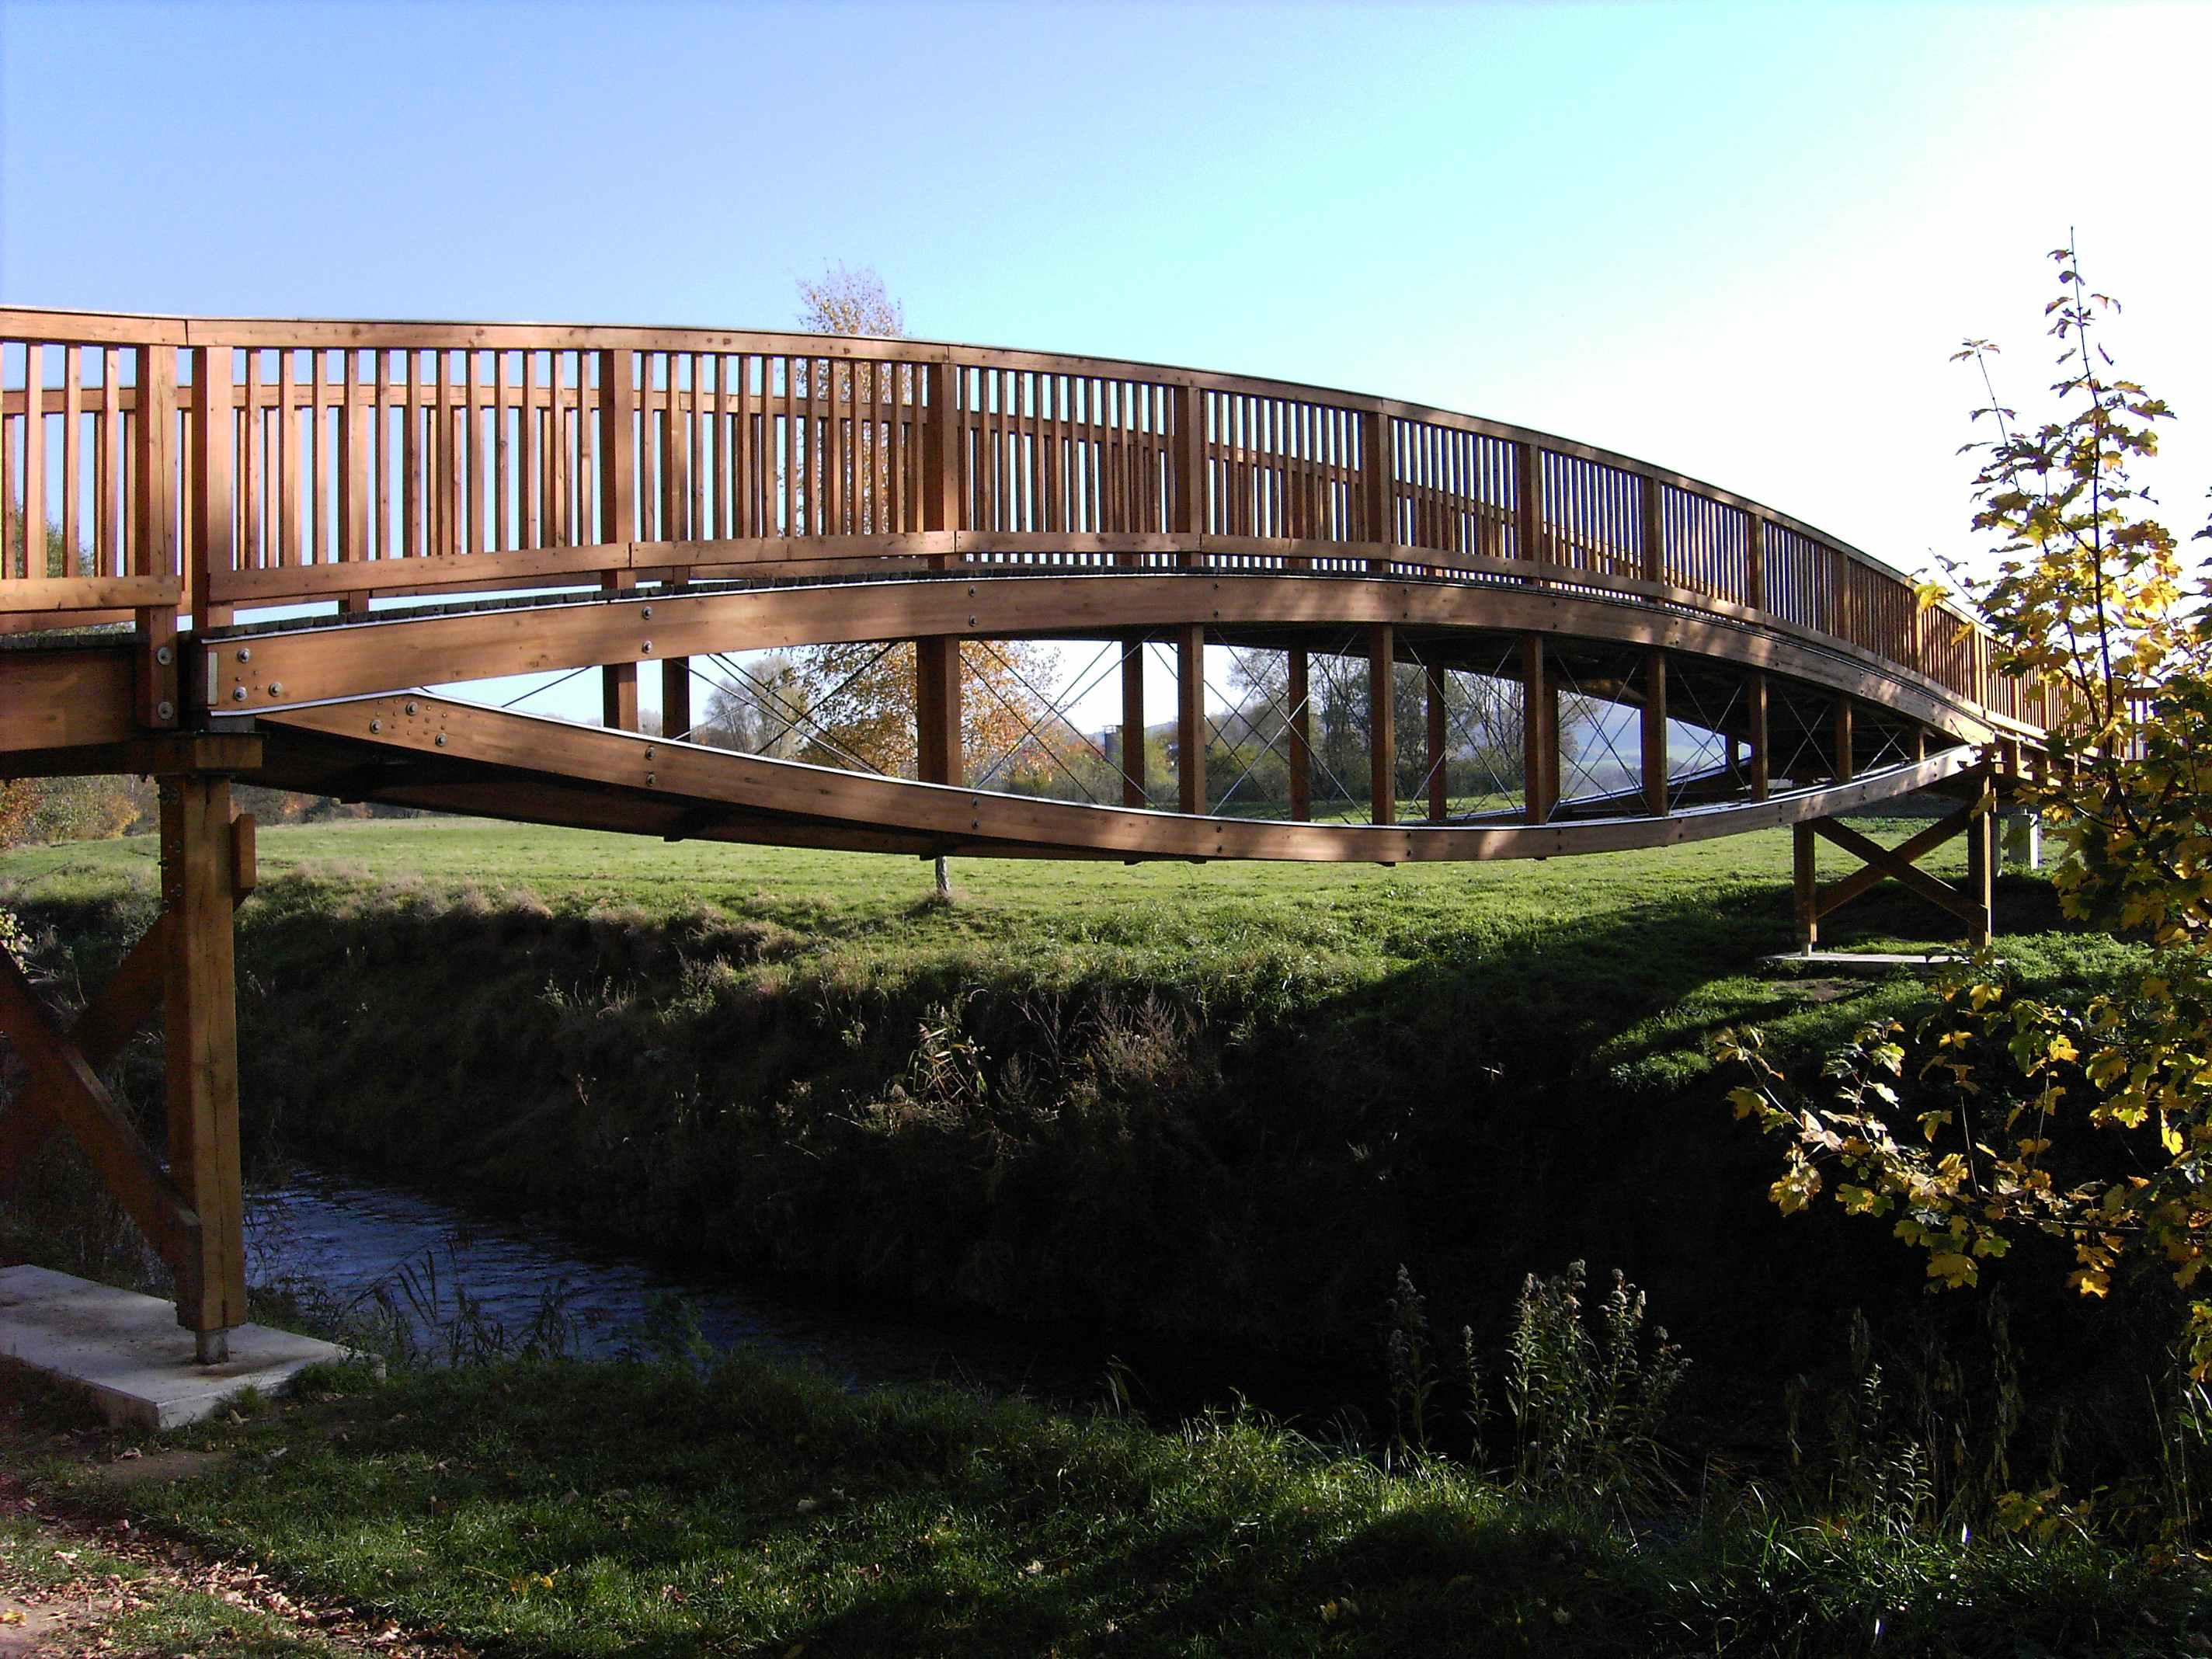 Fabriquer Un Petit Pont De Bois histoire des ponts en bois — wikipédia